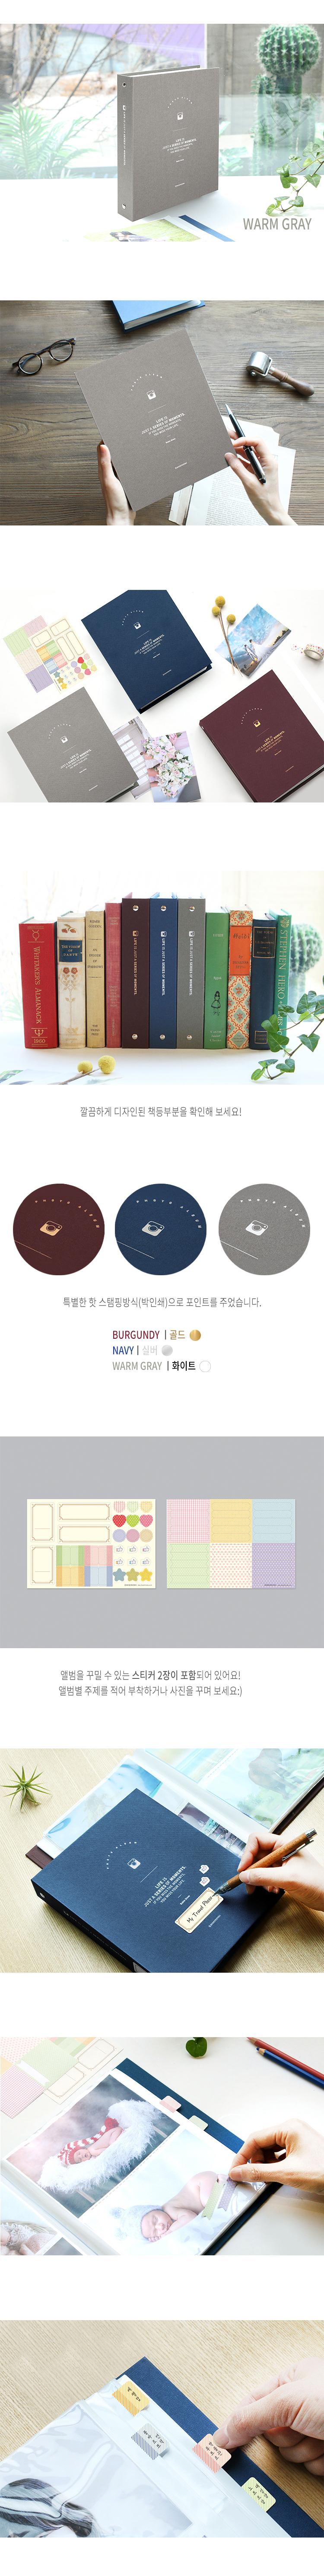 스토리 포토앨범 - 북프렌즈, 8,000원, 포켓앨범, 심플